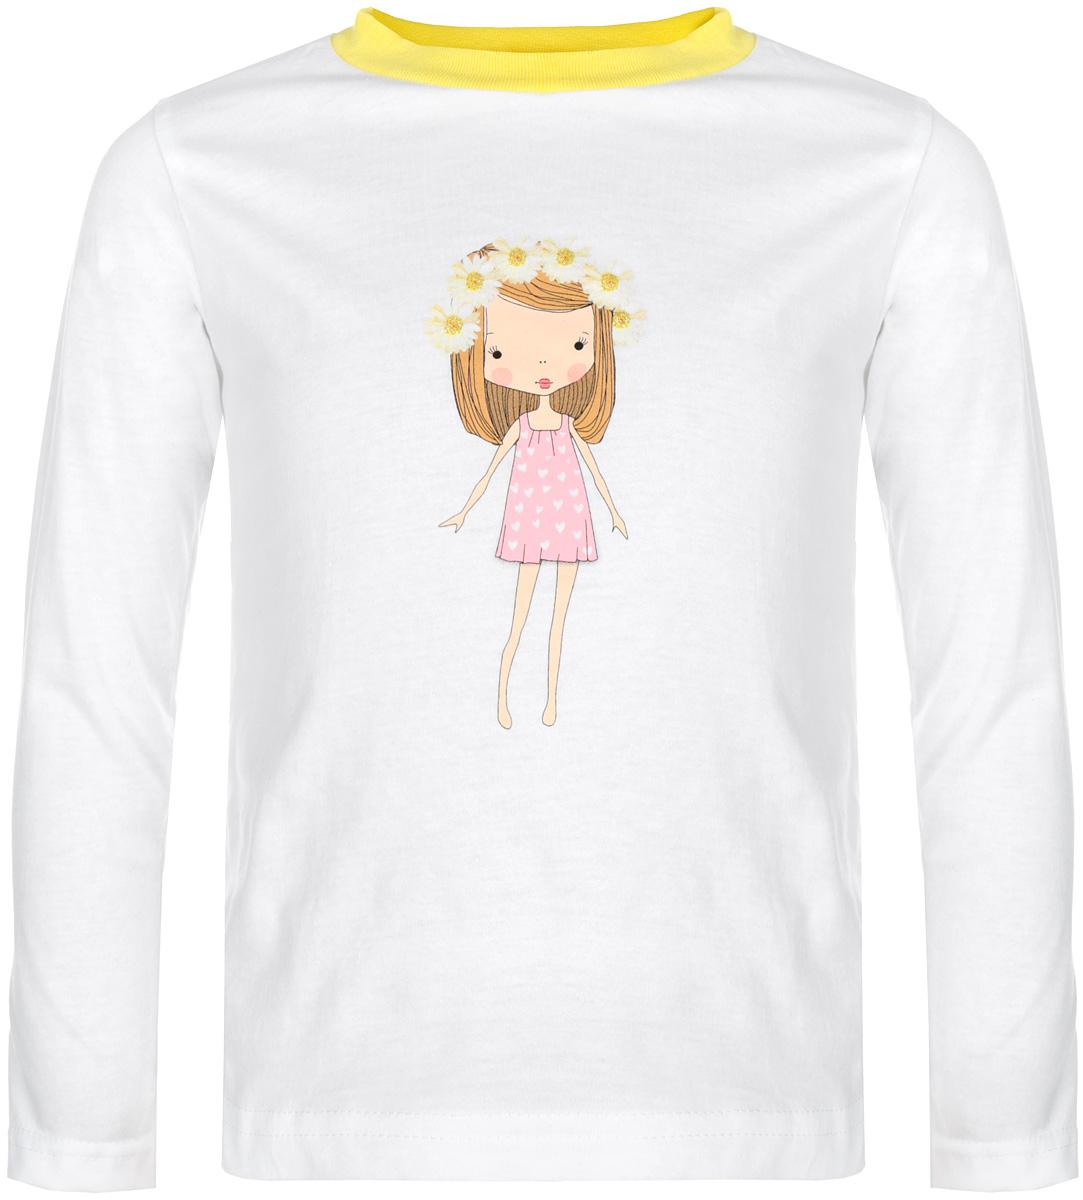 Футболка с длинным рукавом для девочки КотМарКот, цвет: белый, желтый. 15562. Размер 98, 3 года15562Стильная футболка с длинным рукавом для девочки КотМарКот идеально подойдет вашей моднице. Изготовленная из натурального хлопка, она мягкая и приятная на ощупь, не сковывает движения и позволяет коже дышать, не раздражает даже самую нежную и чувствительную кожу ребенка, обеспечивая наибольший комфорт. Футболка прямого кроя с длинными рукавами и круглым вырезом горловины оформлена изображением очаровательной девочки с венком на голове, украшена блестками. Вырез горловины дополнен трикотажной эластичной резинкой.Современный дизайн и модная расцветка делают эту футболку стильным предметом детского гардероба. В ней ваша принцесса будет чувствовать себя уютно и комфортно, и всегда будет в центре внимания!